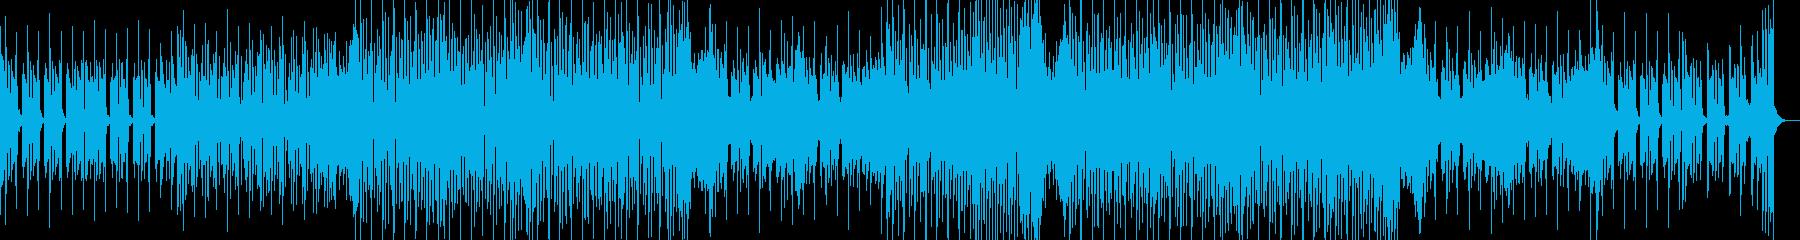 ピアノがノリノリなディスコの再生済みの波形